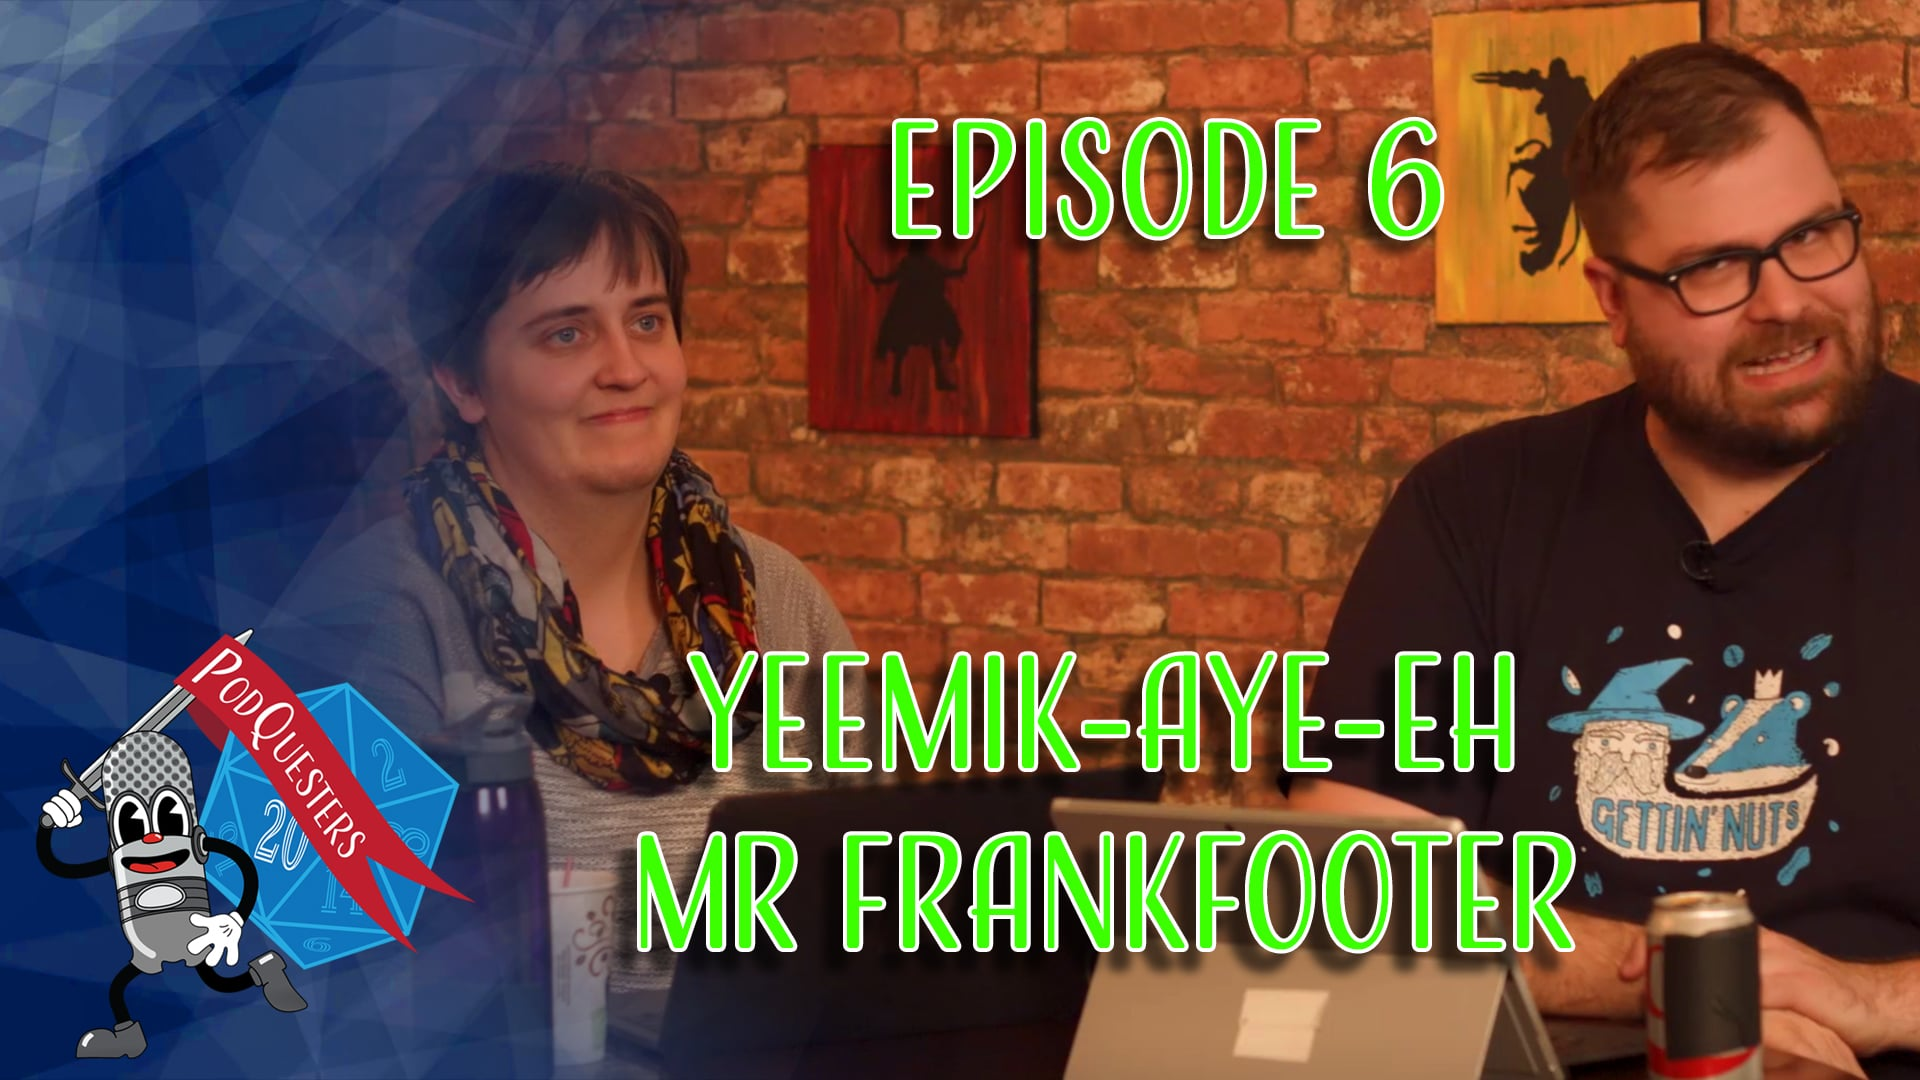 Podquesters - Episode 6, Yeemik-aye-eh Mr Frankfooter